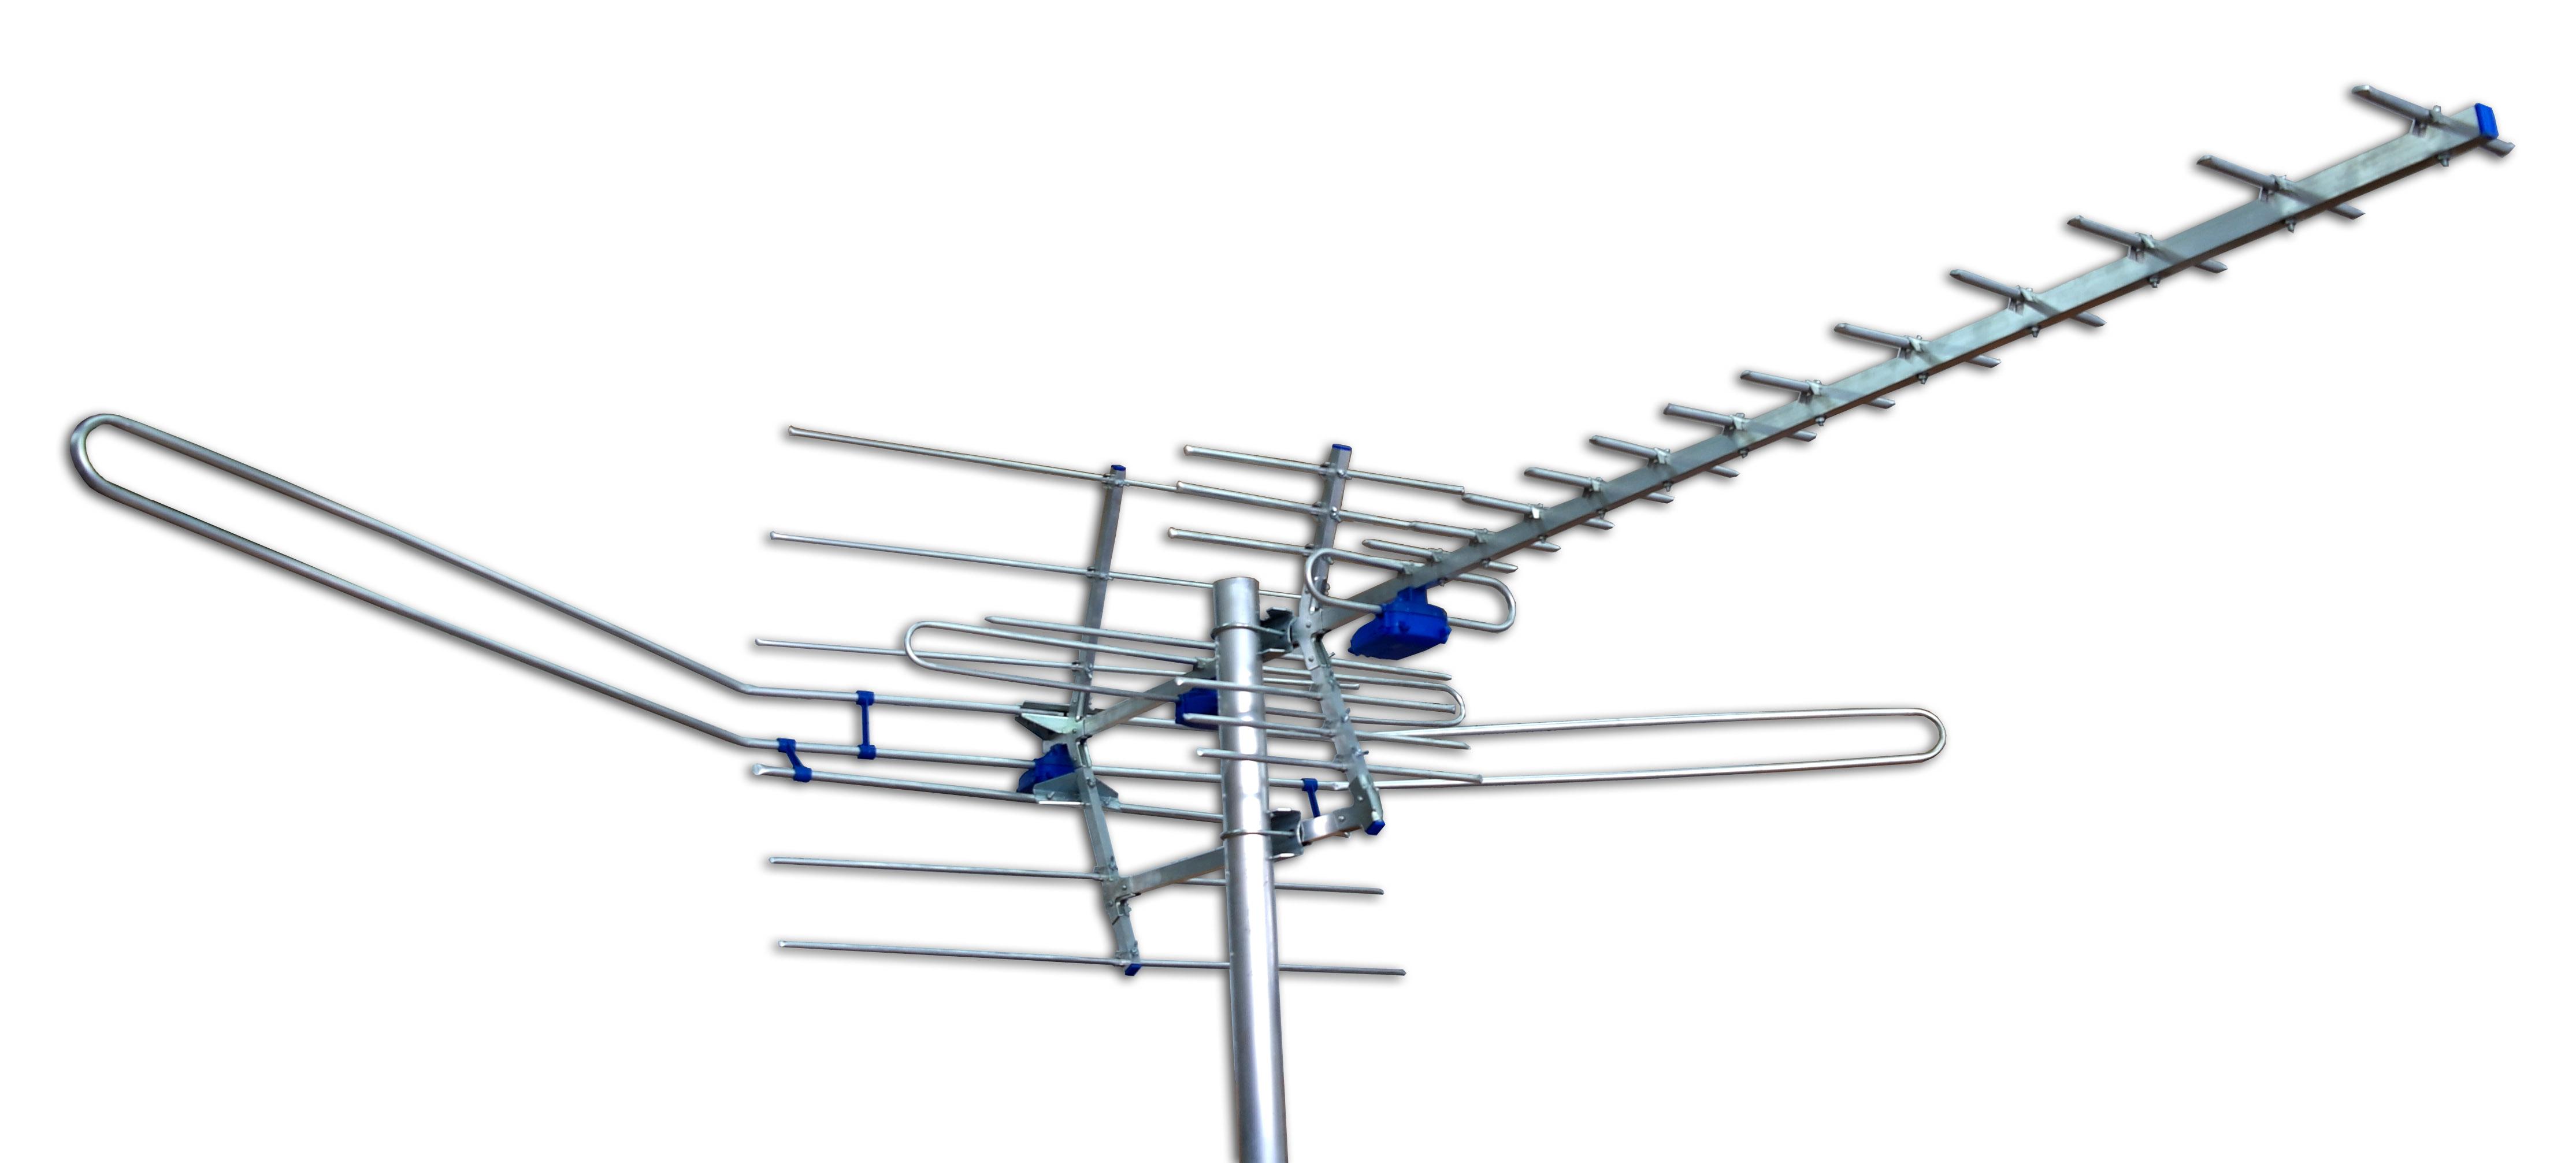 Цифровые антенны своими руками: из телевизионного кабеля 80